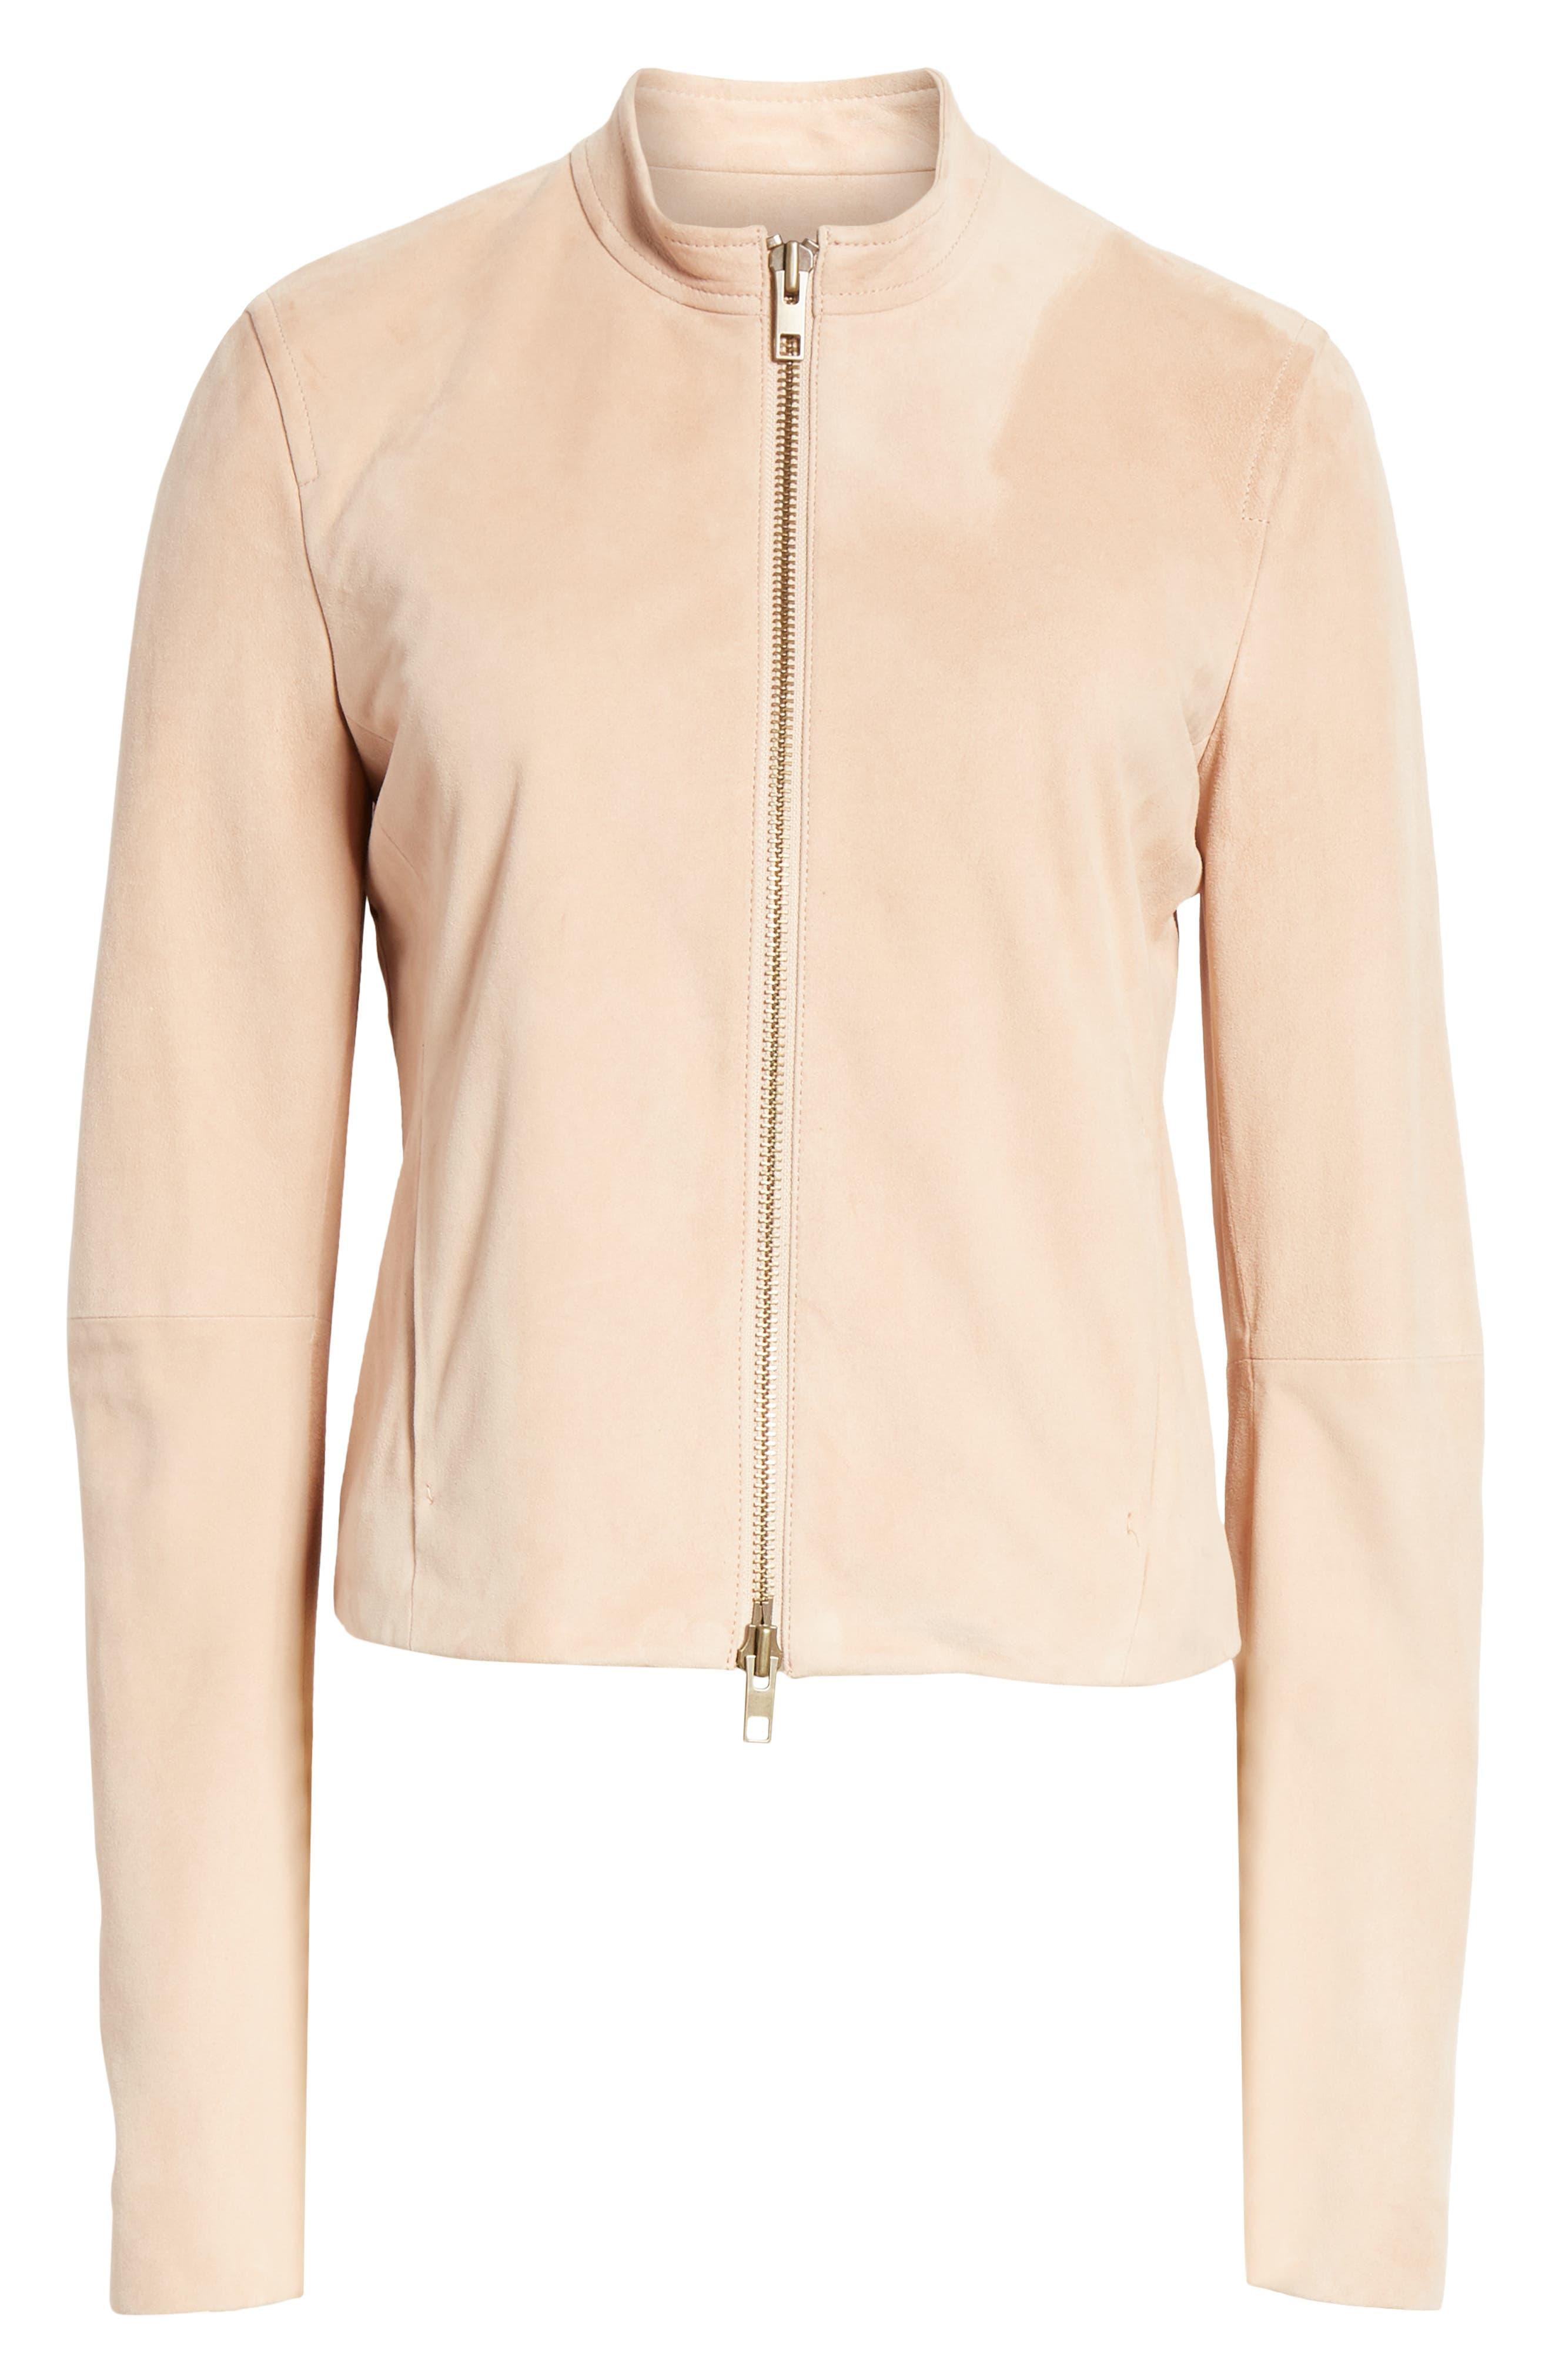 VINCE,                             Suede Moto Jacket,                             Alternate thumbnail 6, color,                             ROSE QUARTZ